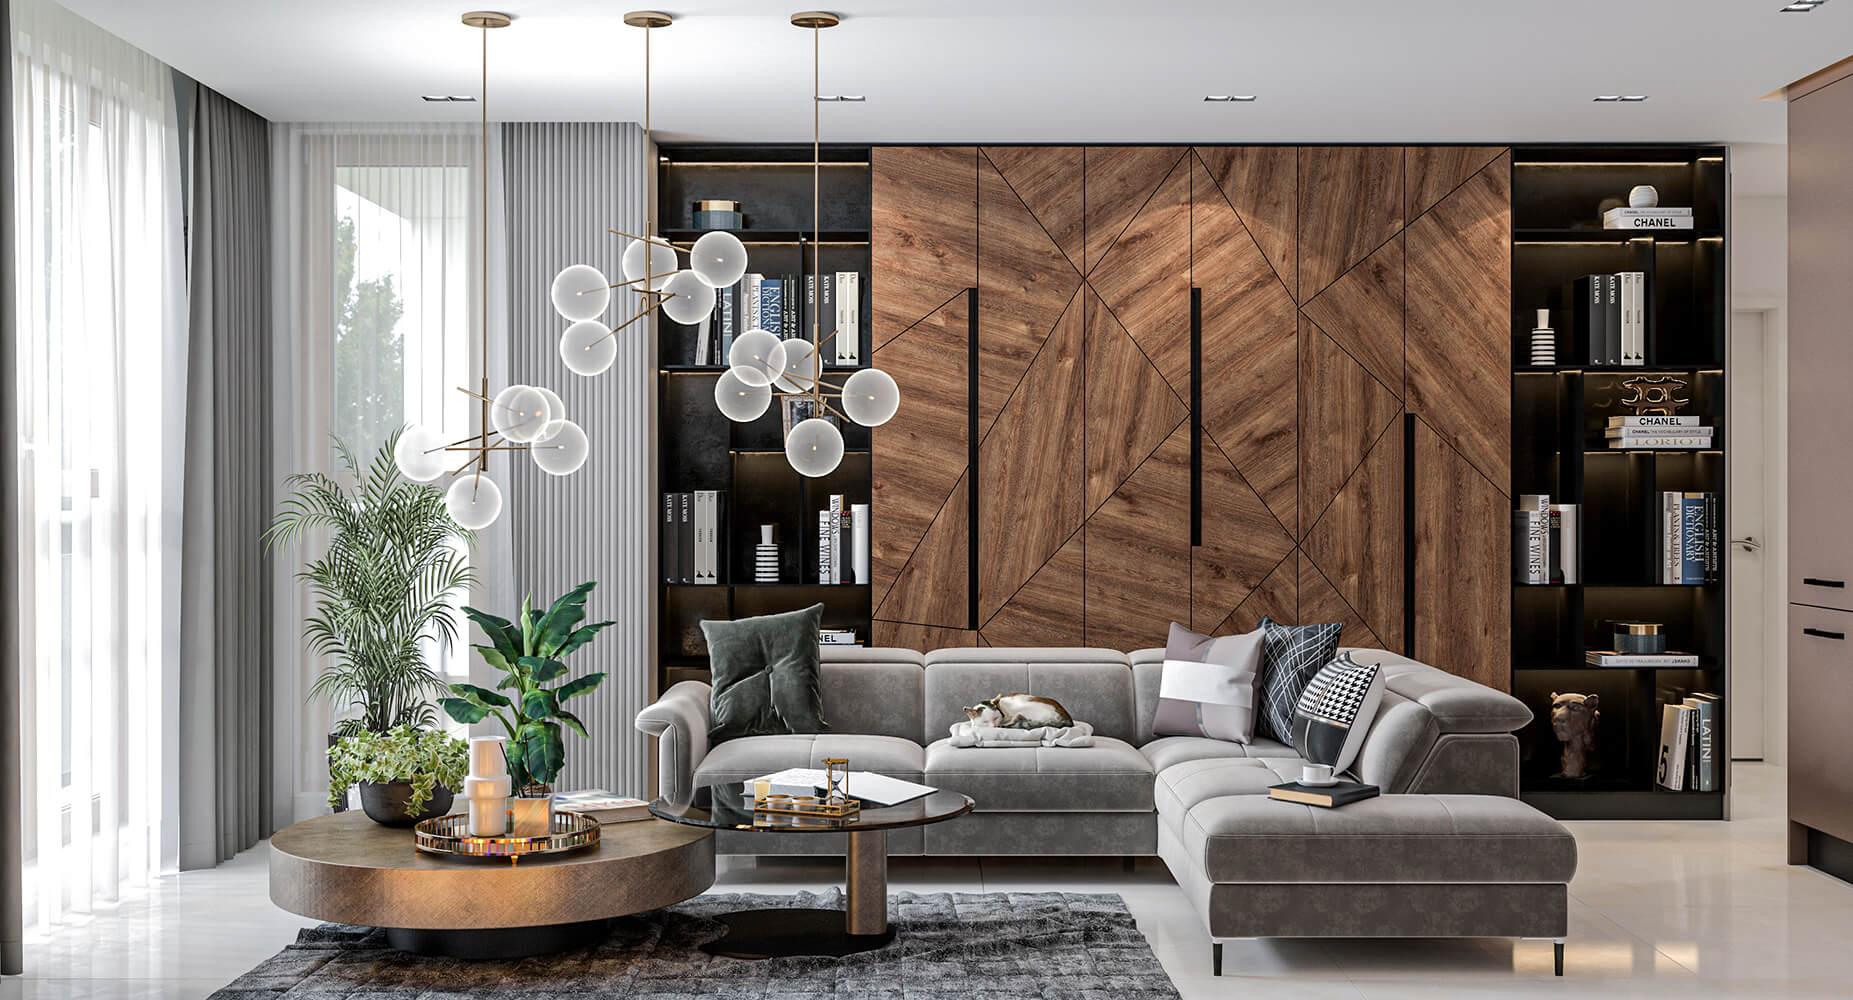 interioren-dizain-proekt-na-vsekidnevna-i-dneven-trakt-emma